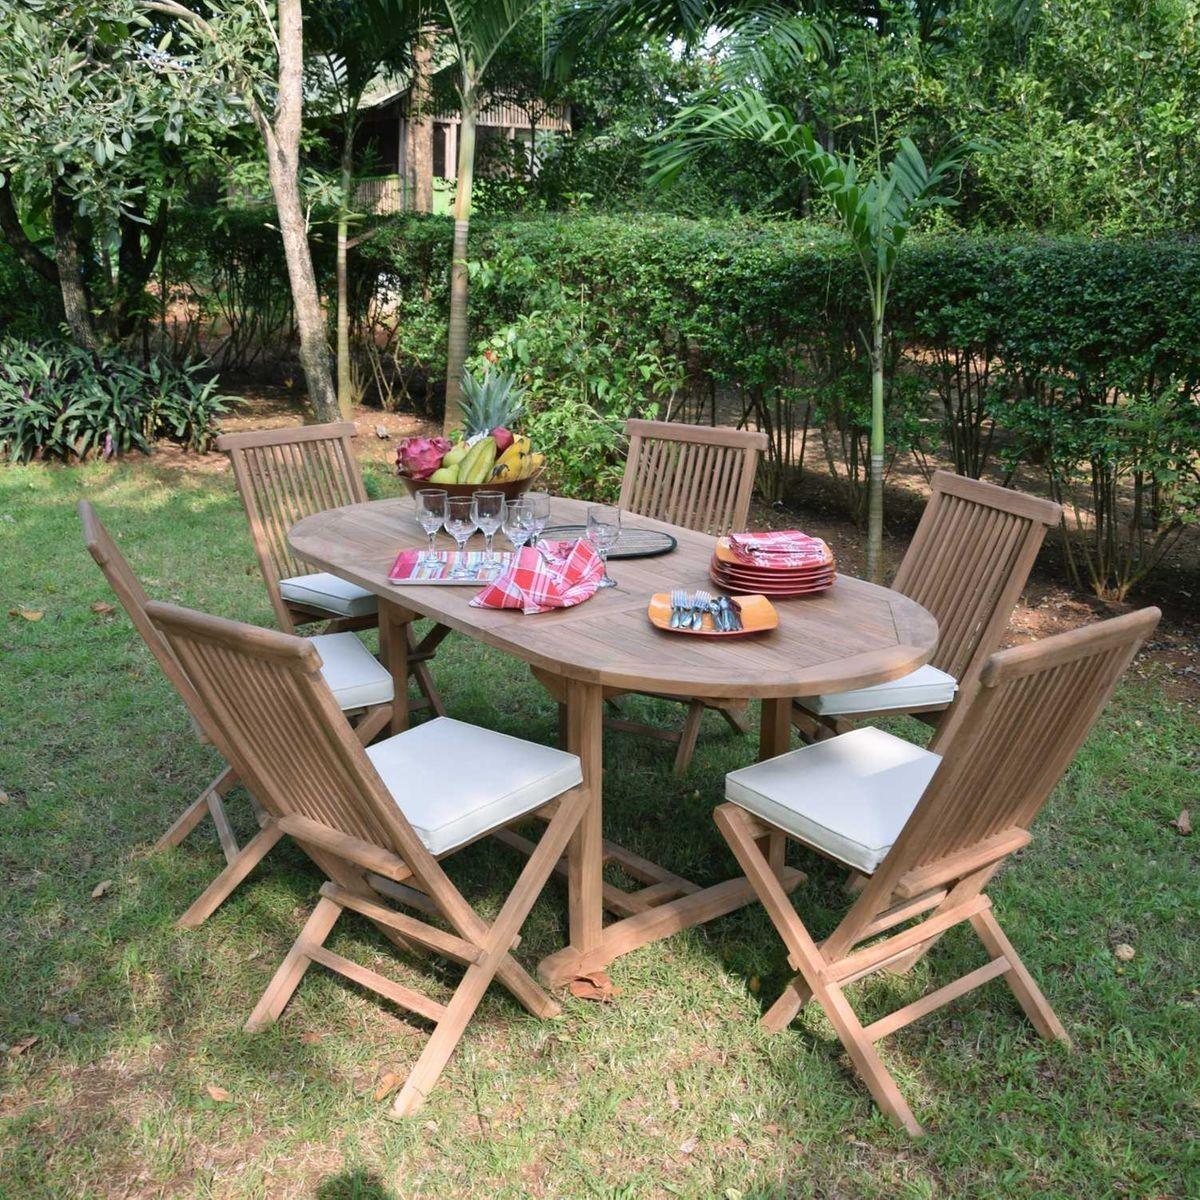 Salon De Jardin Teck Ecograde Manille 6 Chaises Salon De Jardin Teck Table Et Chaises De Jardin Et Meuble Jardin